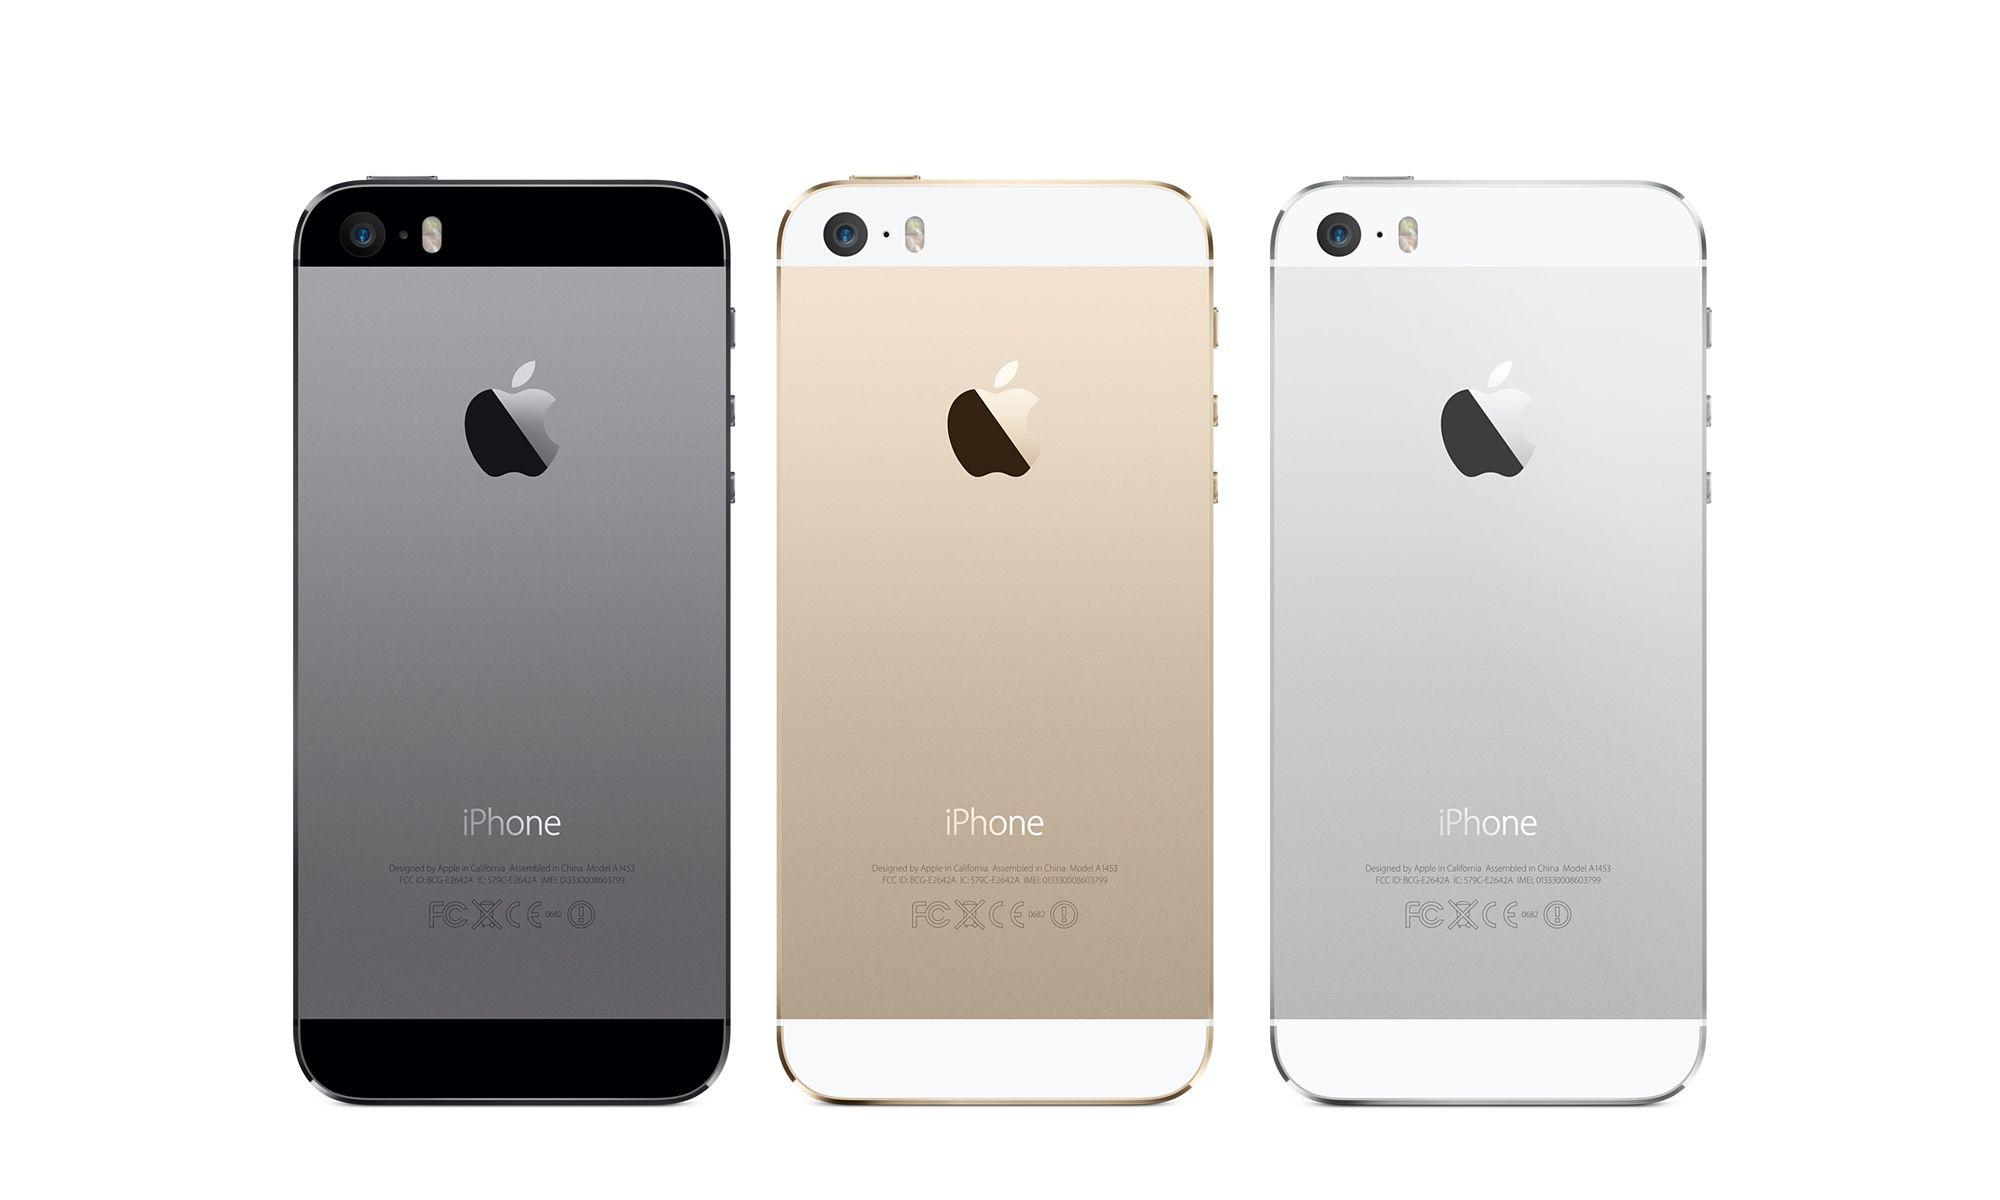 ドコモ、iPhone 5sをドコモショップ全店に大量入荷とアナウンス